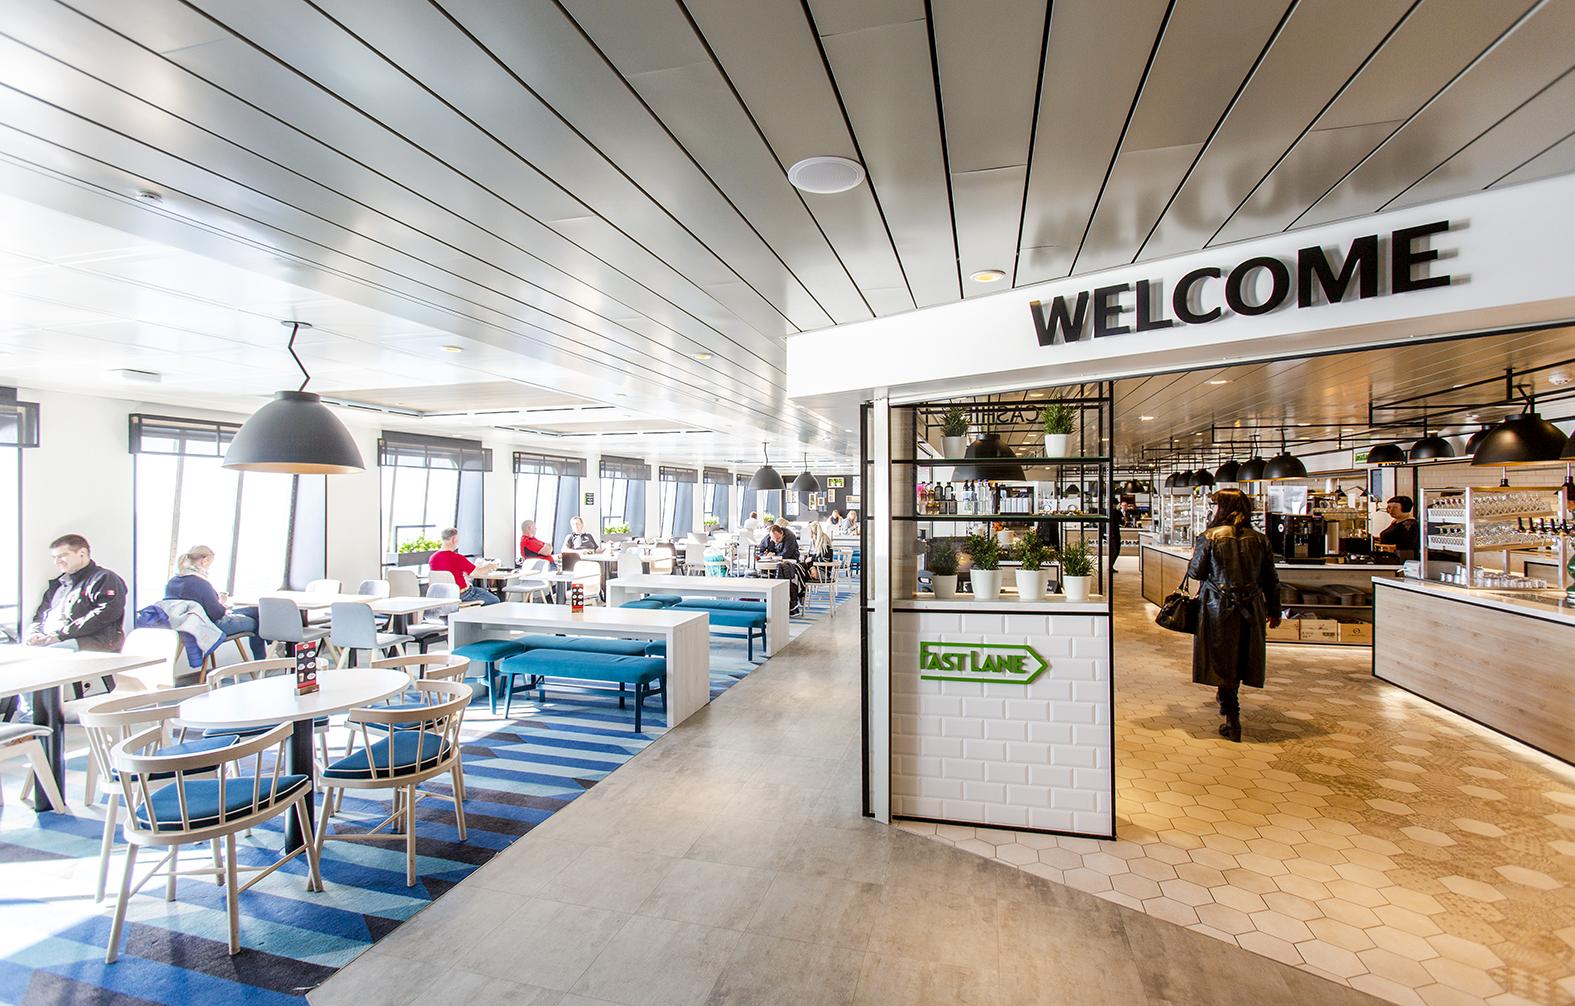 Tallink Megastarin Fast Lane -ravintola on lasten leikkipaikan lähellä.